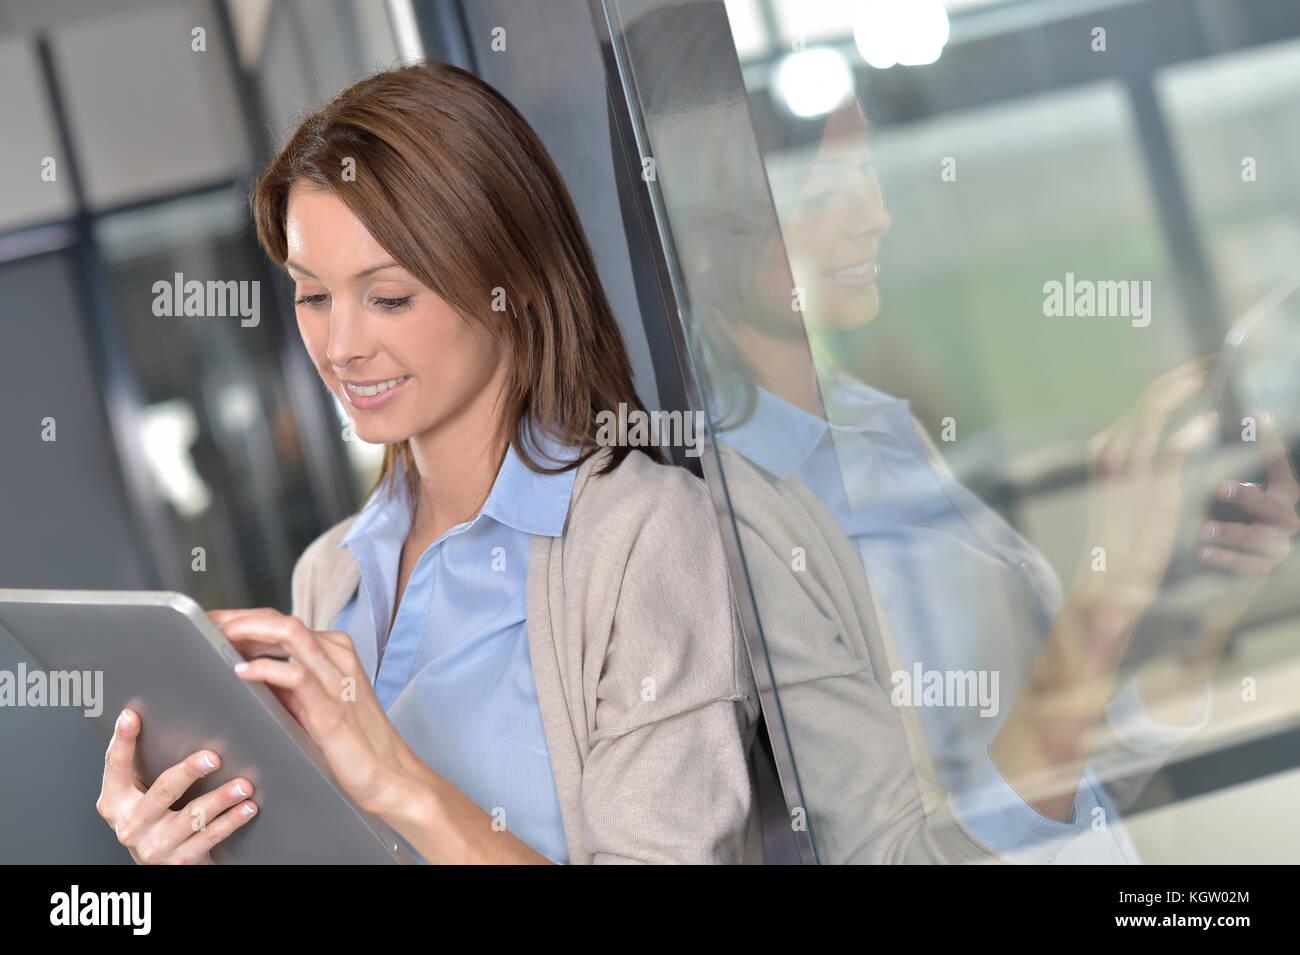 La empresaria websurfing en tableta digital Imagen De Stock